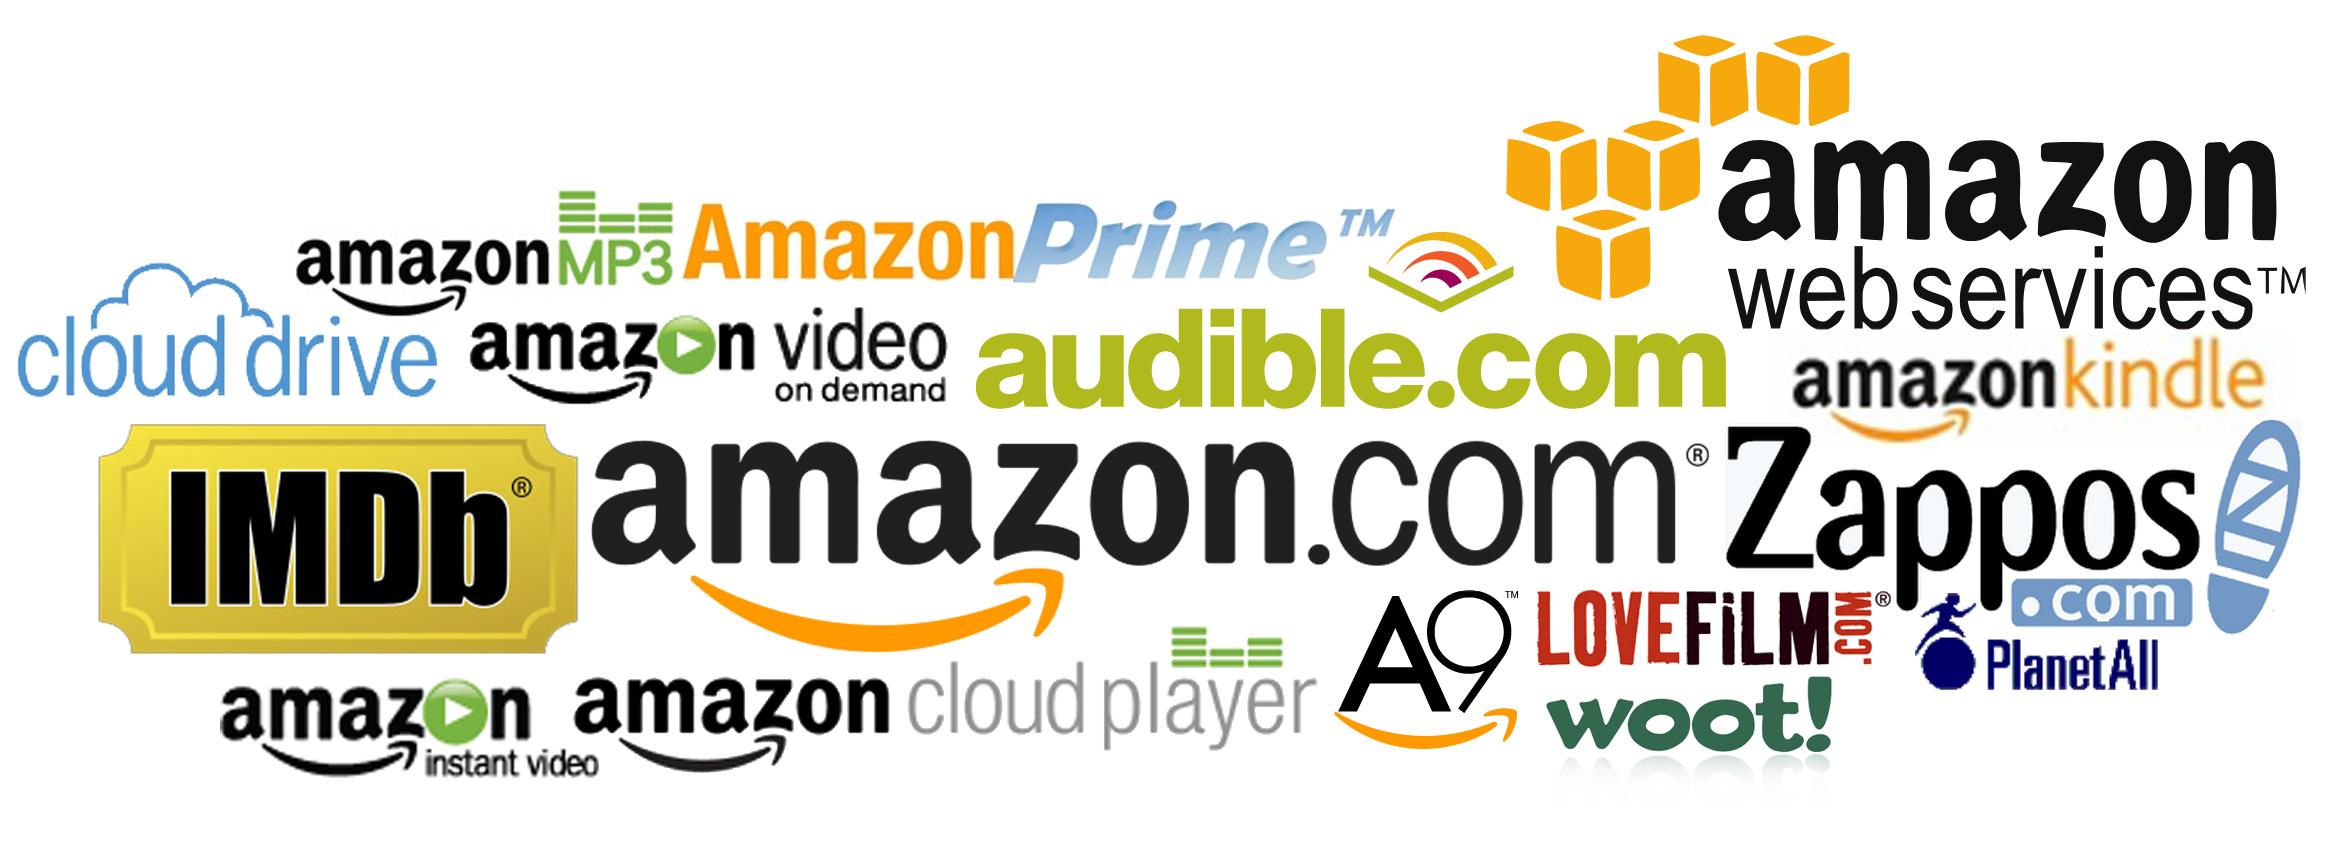 Morire di Amazon? Per i negozi è l'ora di scegliere